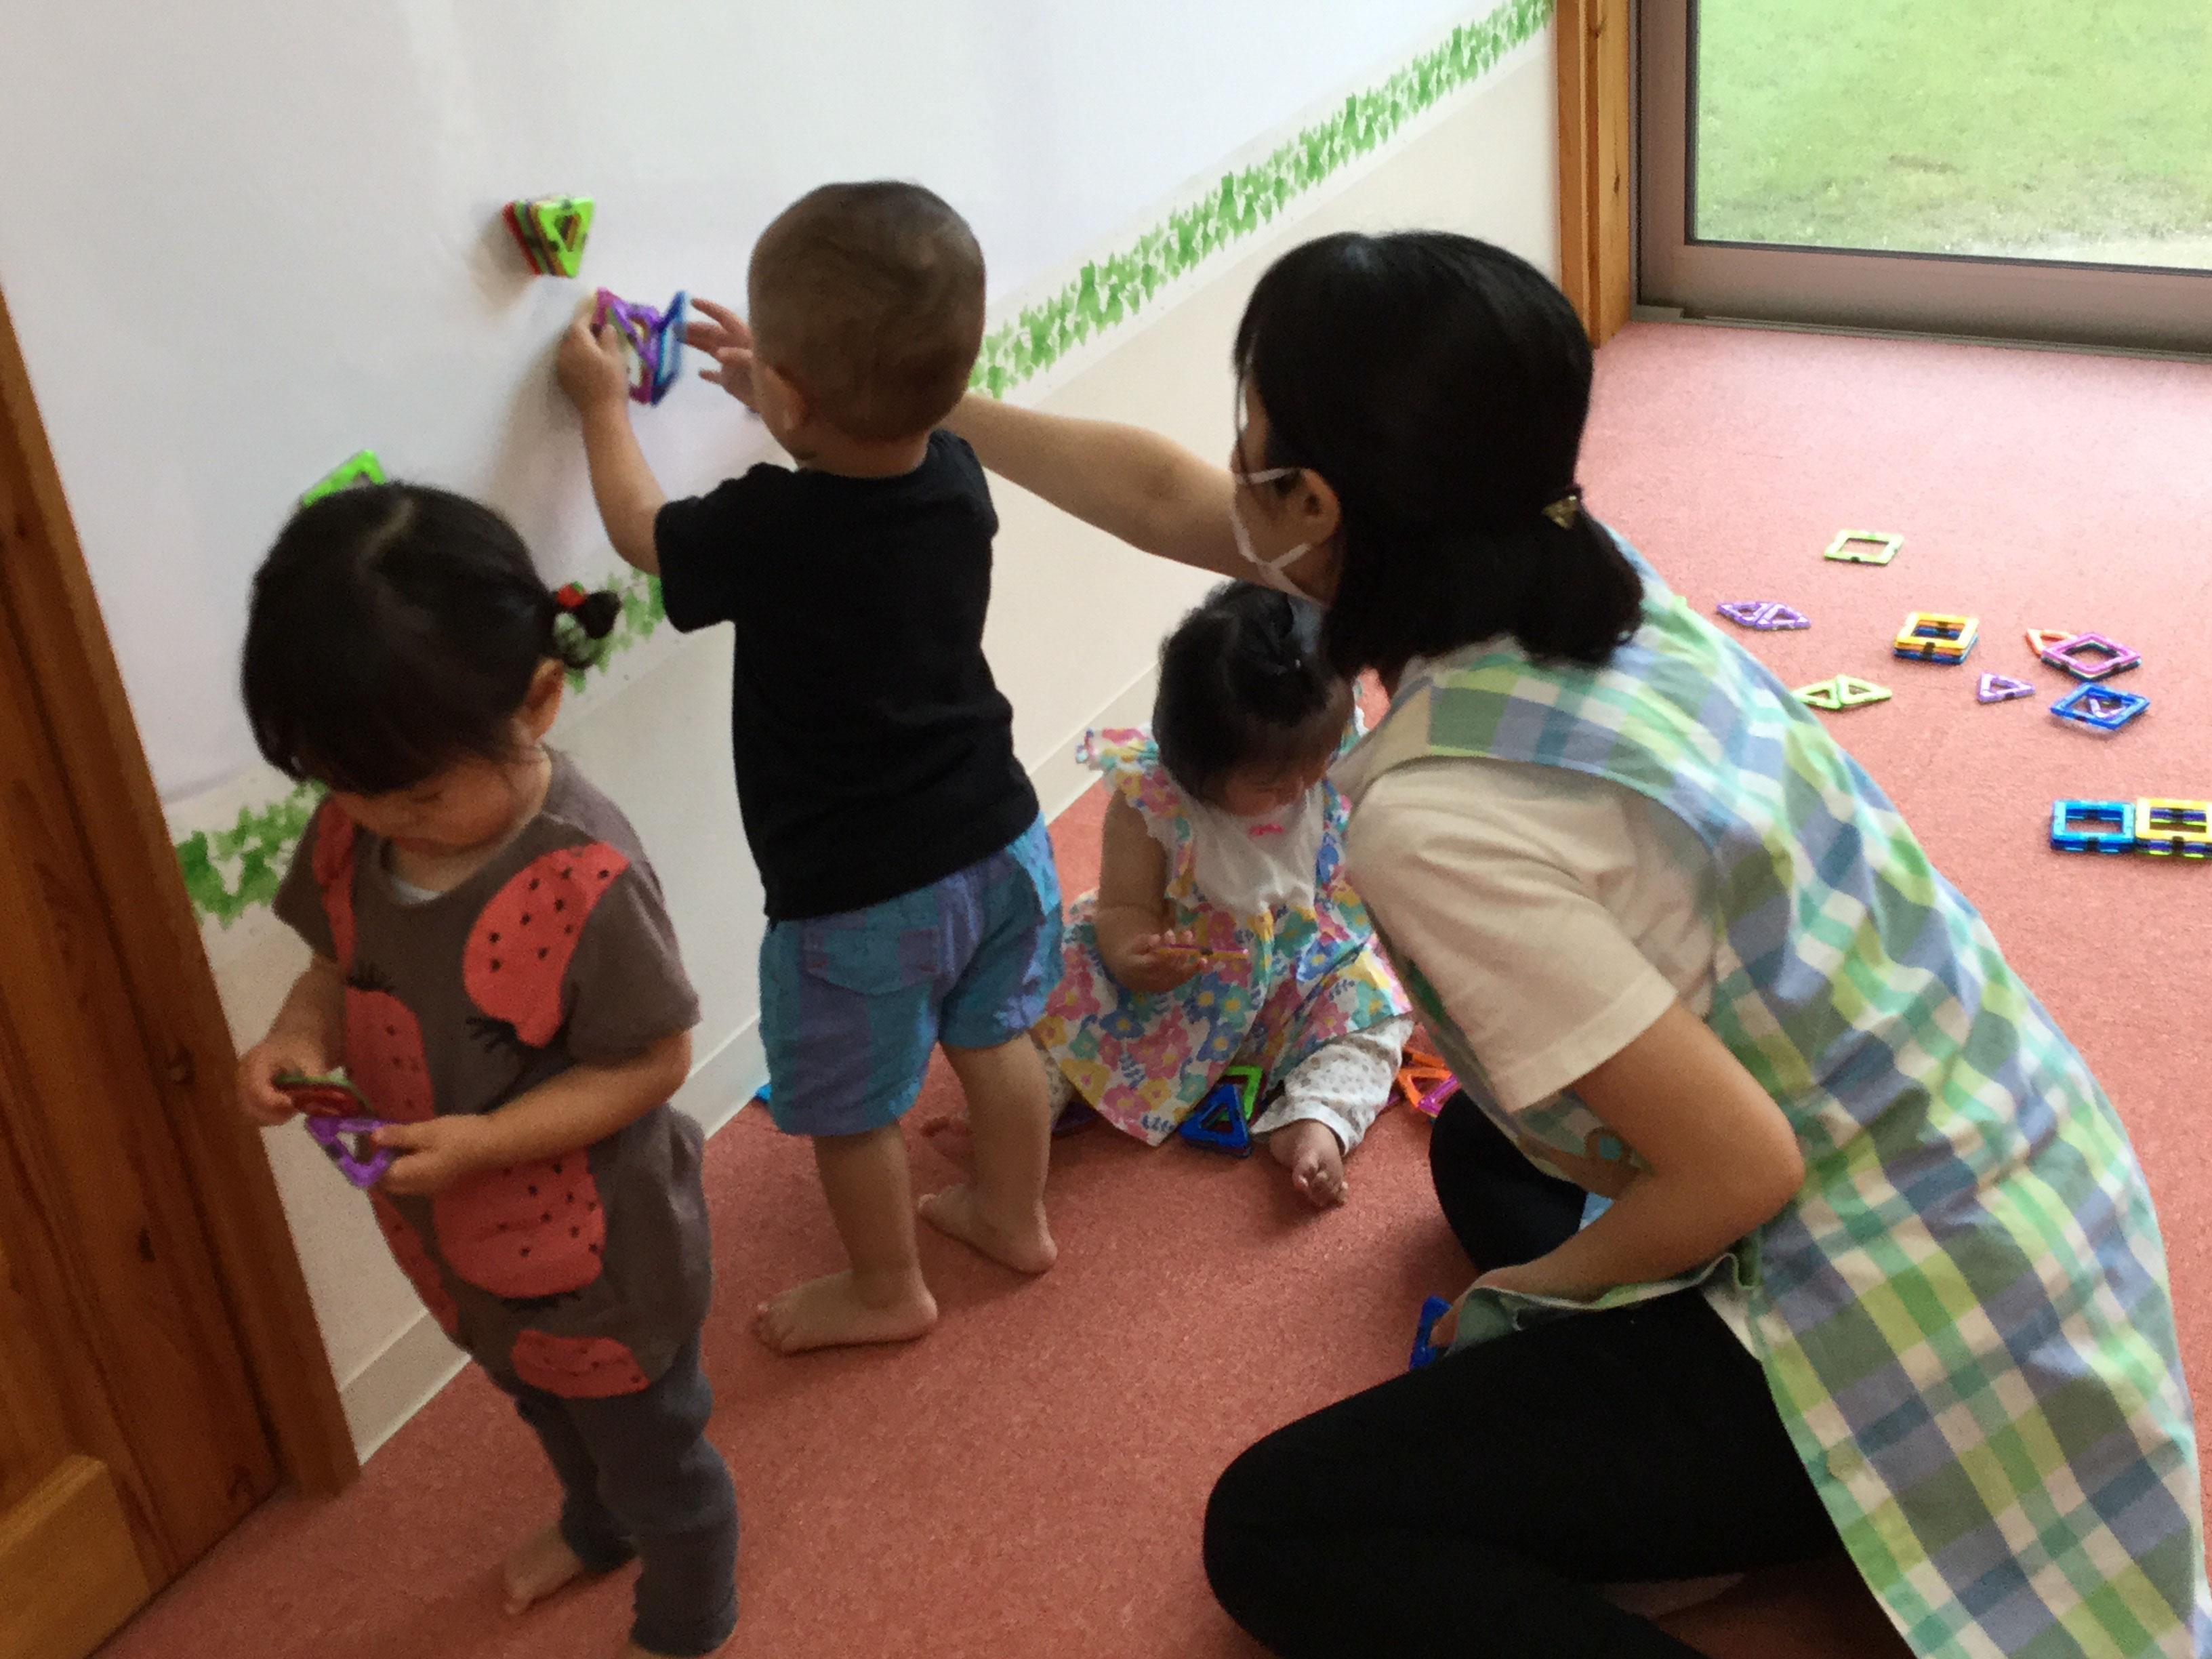 お絵かきやシール貼り、ぬりえ、マグフォーマー、階段やマットの  中で、子どもが遊びを選んで、遊んでいました。